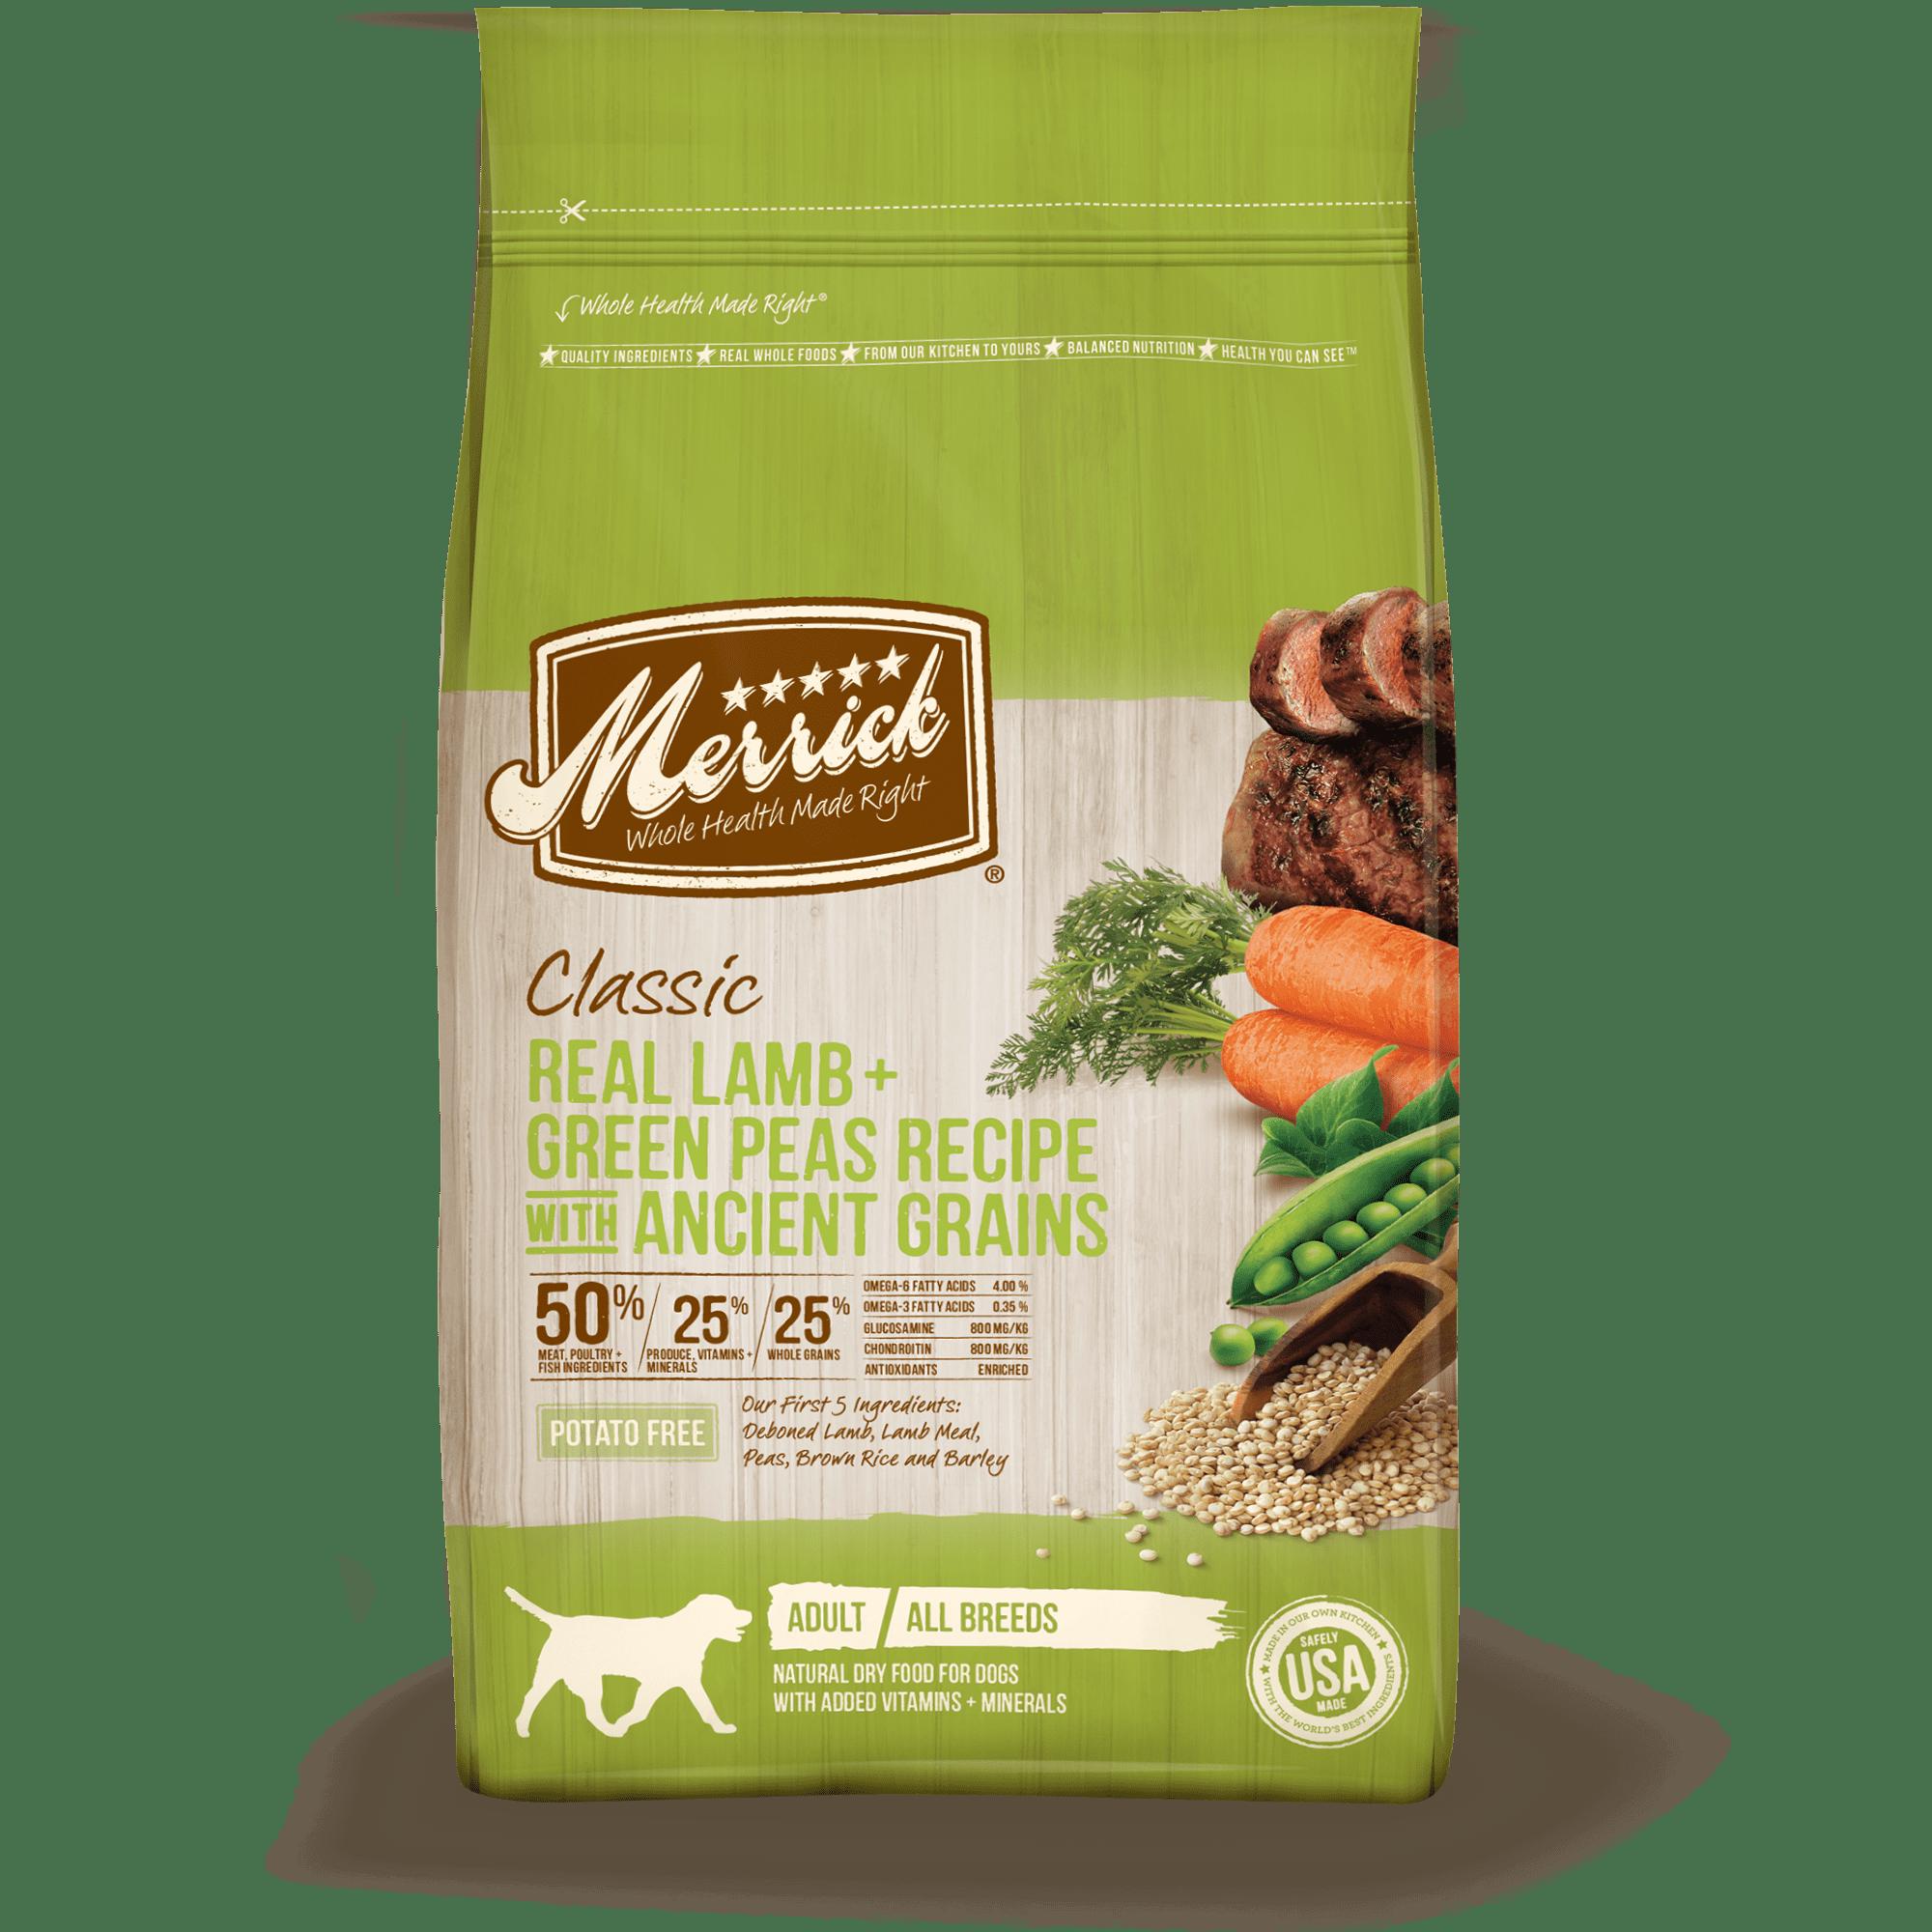 Merrick Classic Real Lamb, Green Peas + Ancient Grains Dry Dog Food, 25 lb